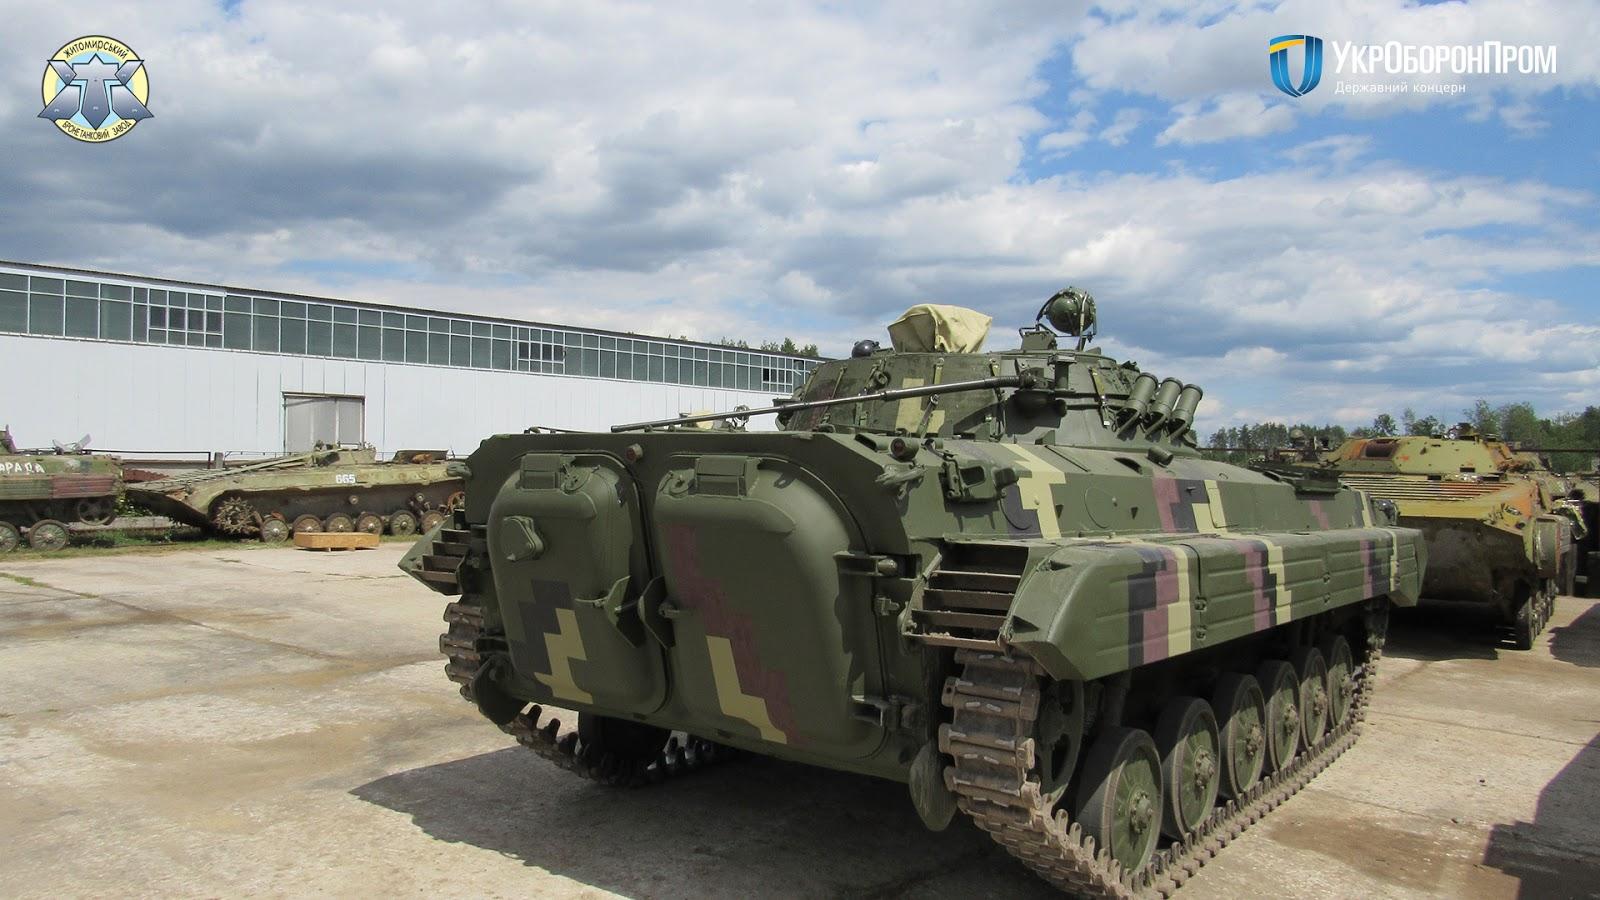 Житомирський завод передав армії 30 БМП-1 та БМП-2 і теж розпочав виробництво гусениць